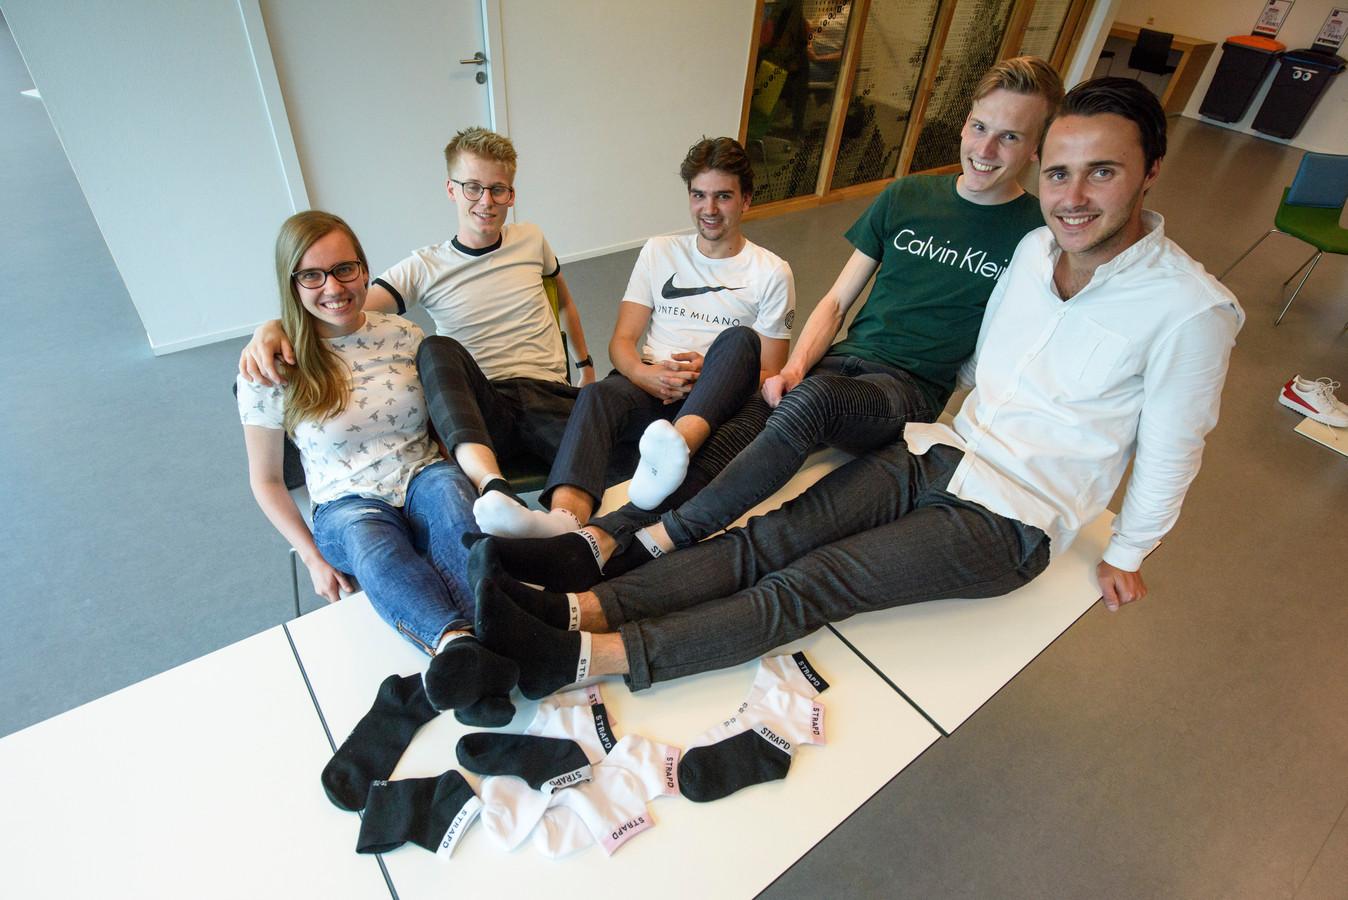 Het team STRAPD, van links naar rechts: Steffie van Eemeren, Harris van Eijk, Jari van den Broek, Willem Moeskops en Niels Fickinger.